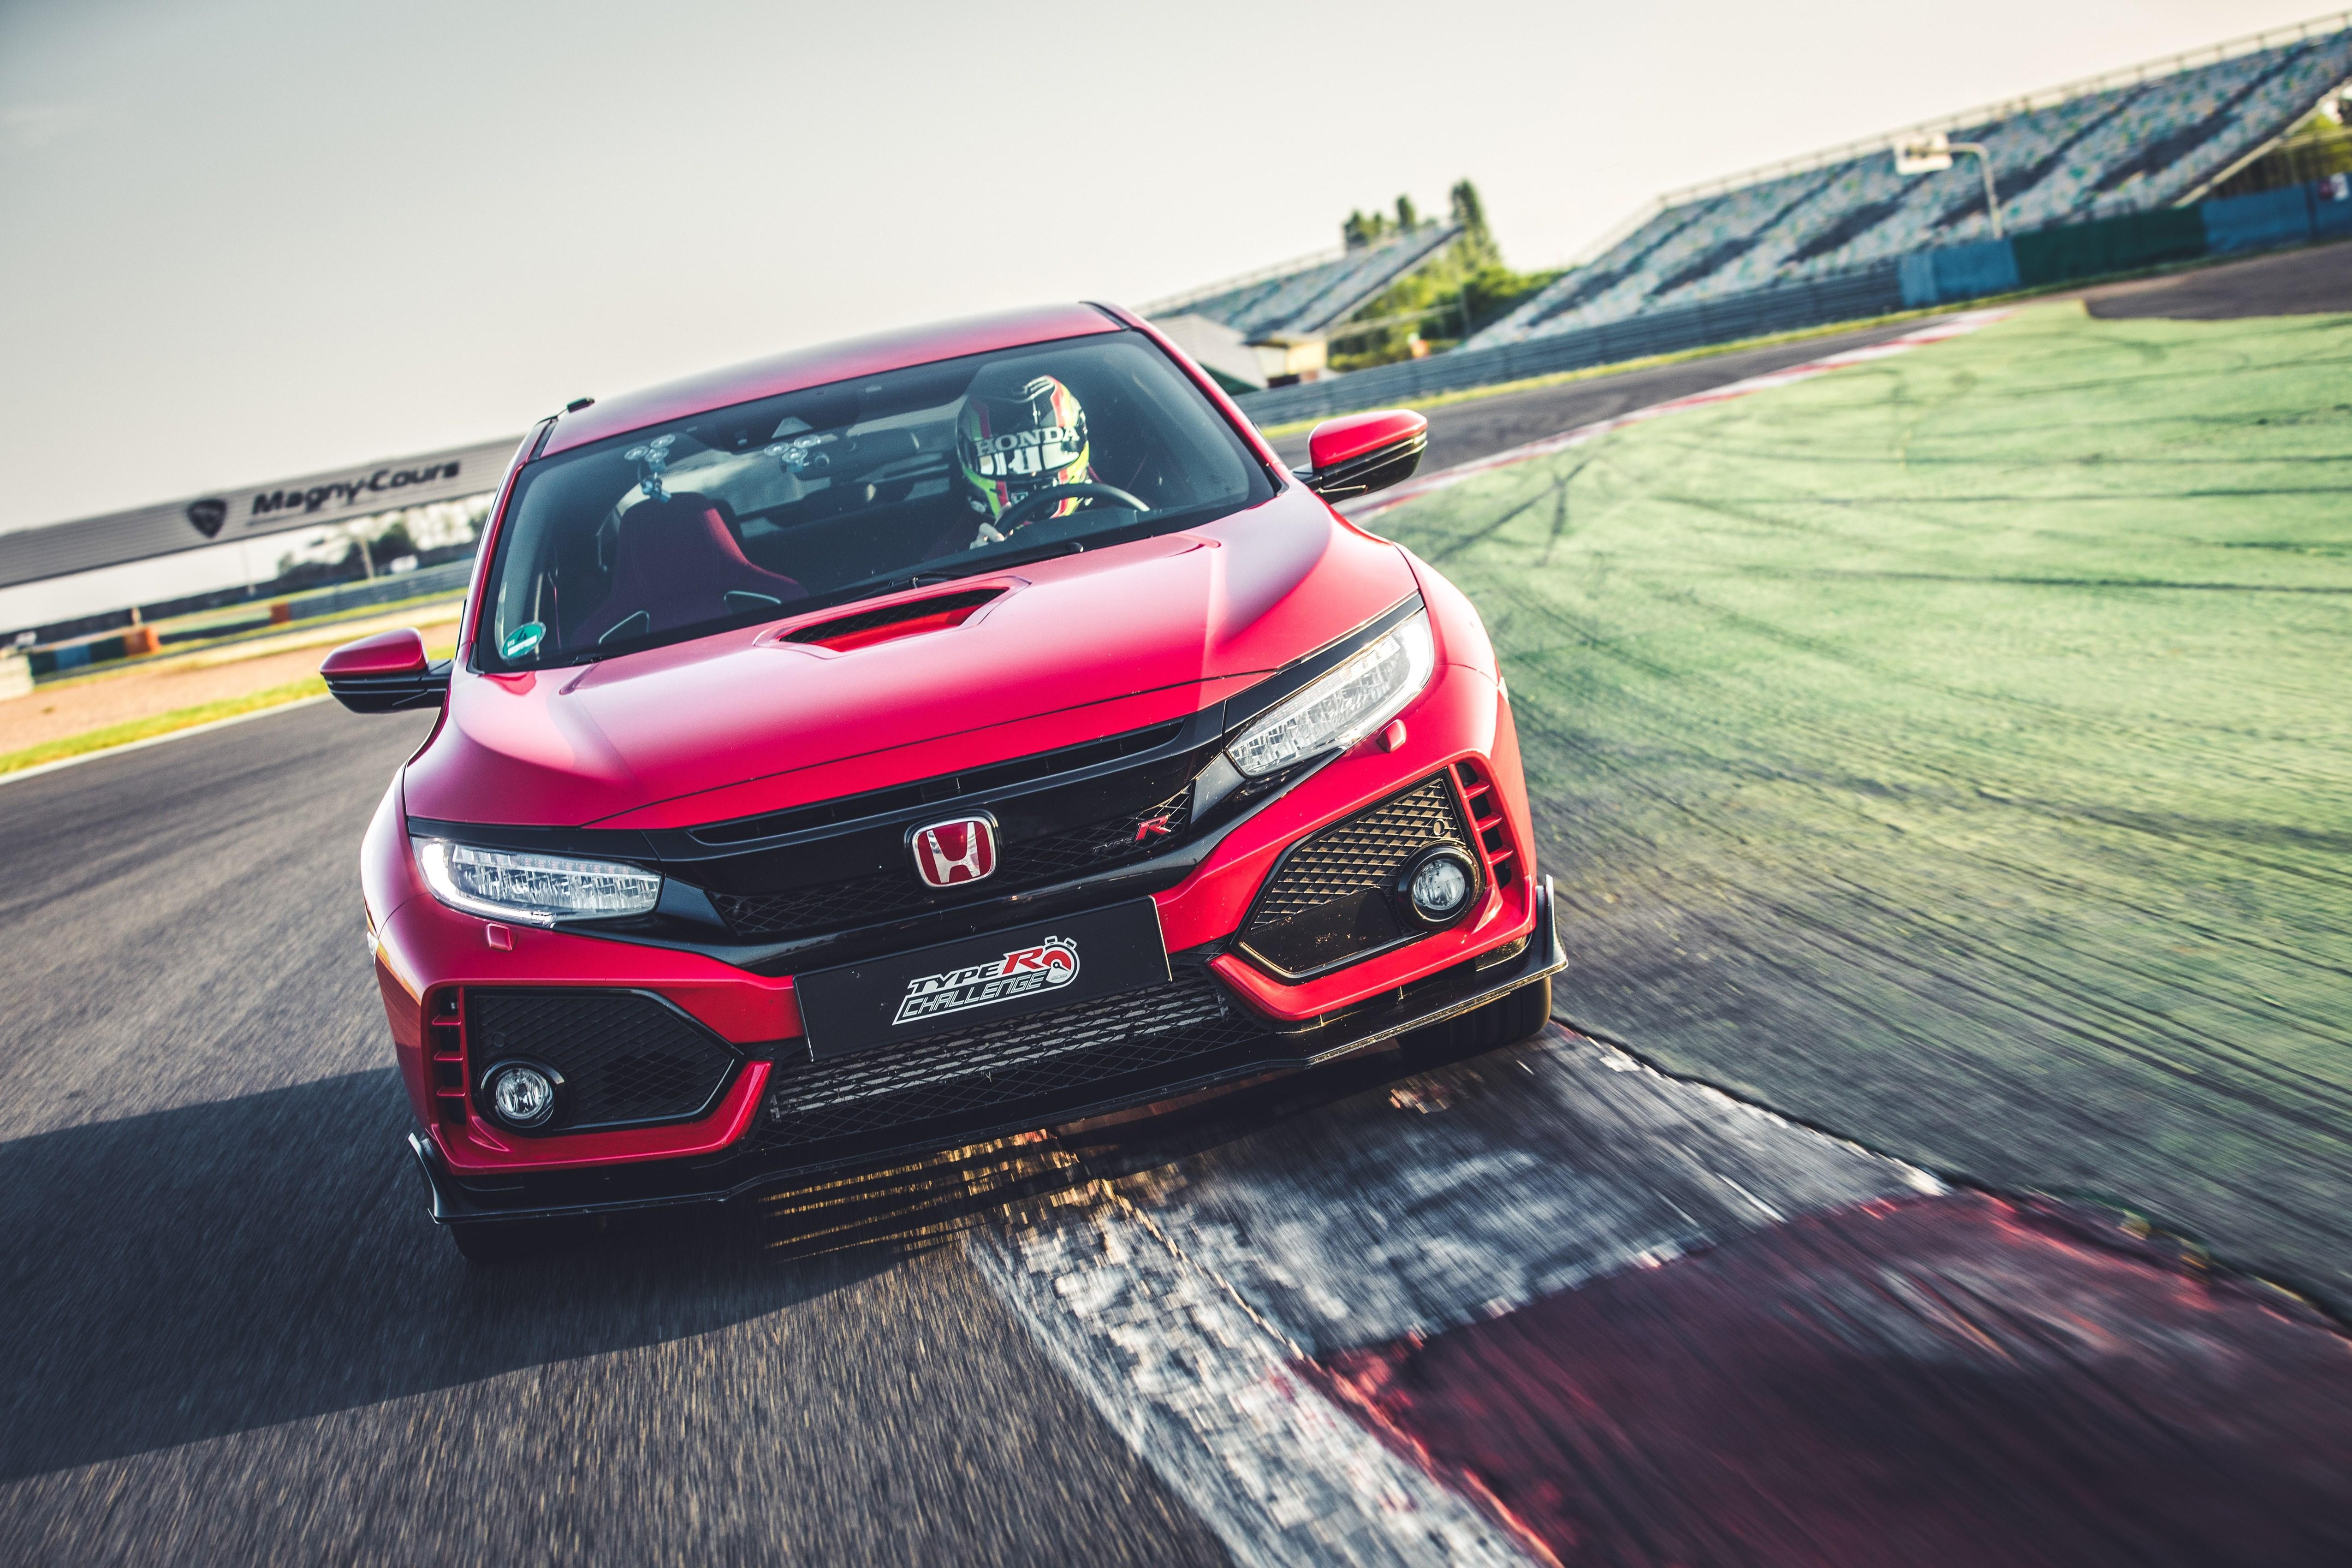 Após A Estreia Do Honda Civic U201cType R Challenge 2018u201d No Salão Automóvel De  Genebra, O Hatchback De Alto Desempenho Definiu Um Novo Recorde De Volta Em  ...